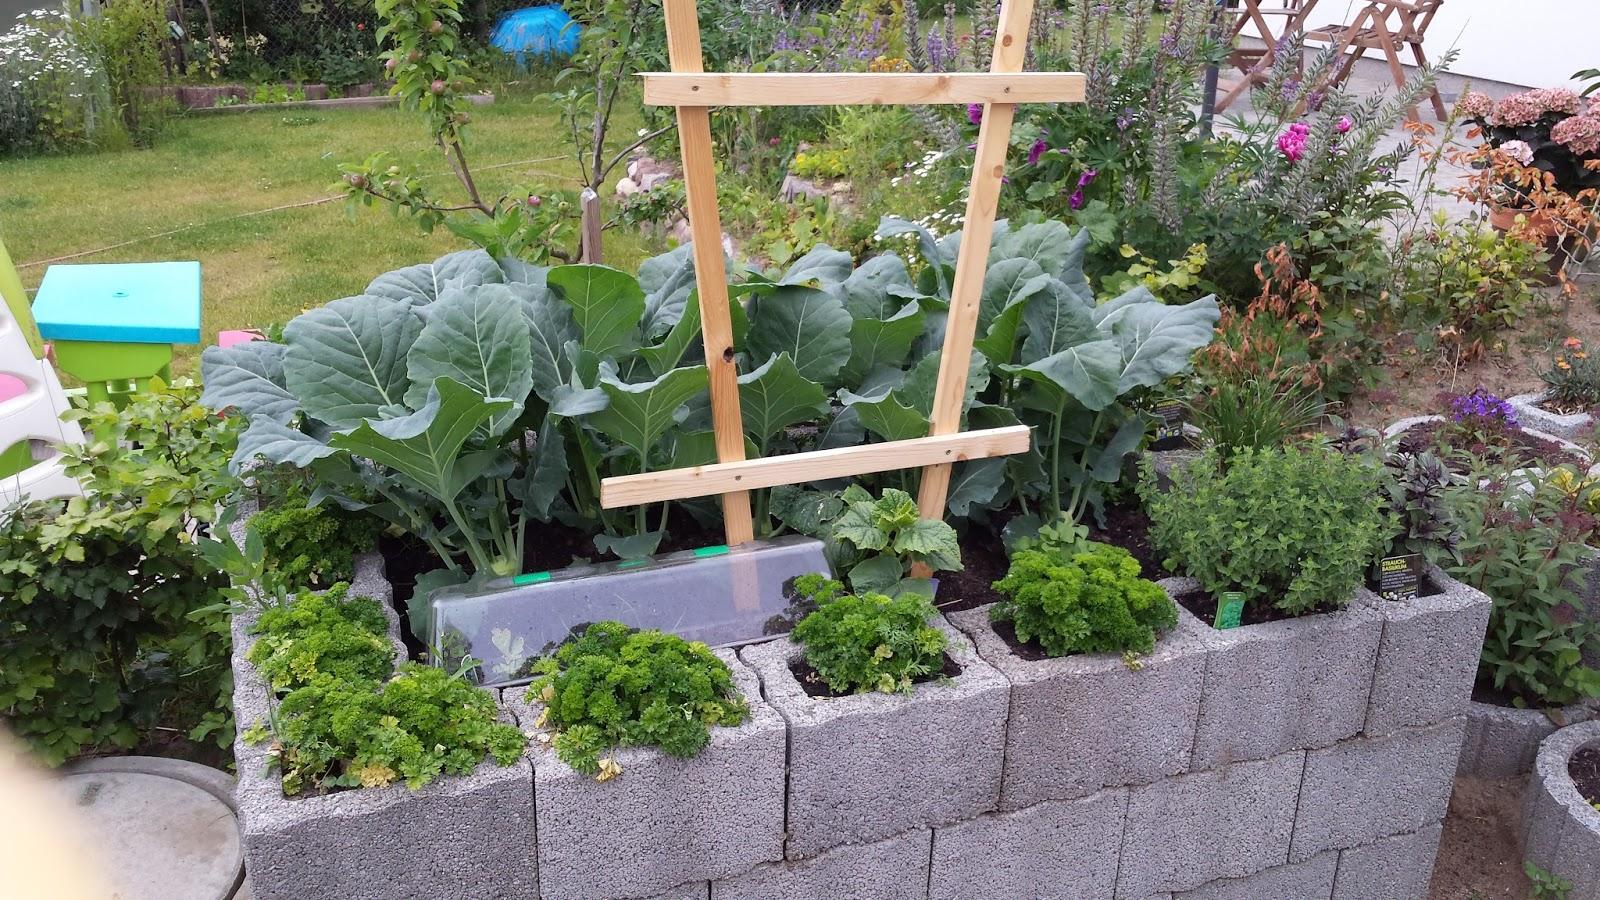 Gartengestaltung Ideen Mit Pflanzsteinen Stutzmauer Gunstig Selber